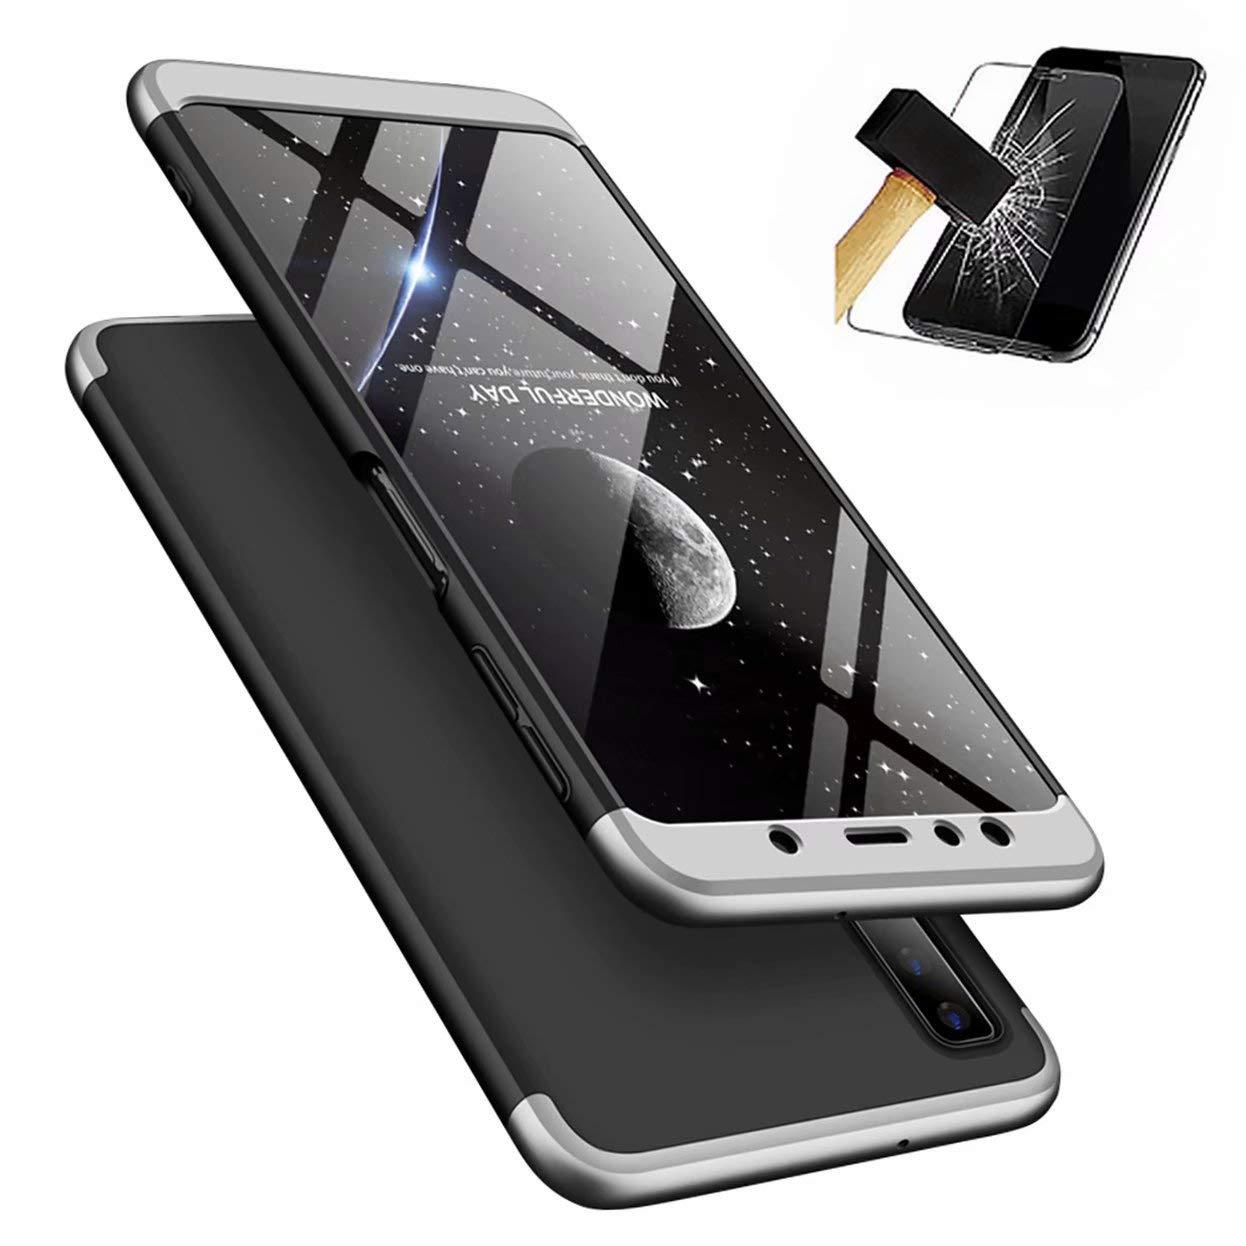 Coque Samsung Galaxy A7 2018 A750 + Verre Trempé , Lanpangzi É tui 360 degré s Hard PC Housse Protection Anti-Rayures Case Anti-Choc Cover avec Film Protection é cran Screen Protector, Argent et Noir